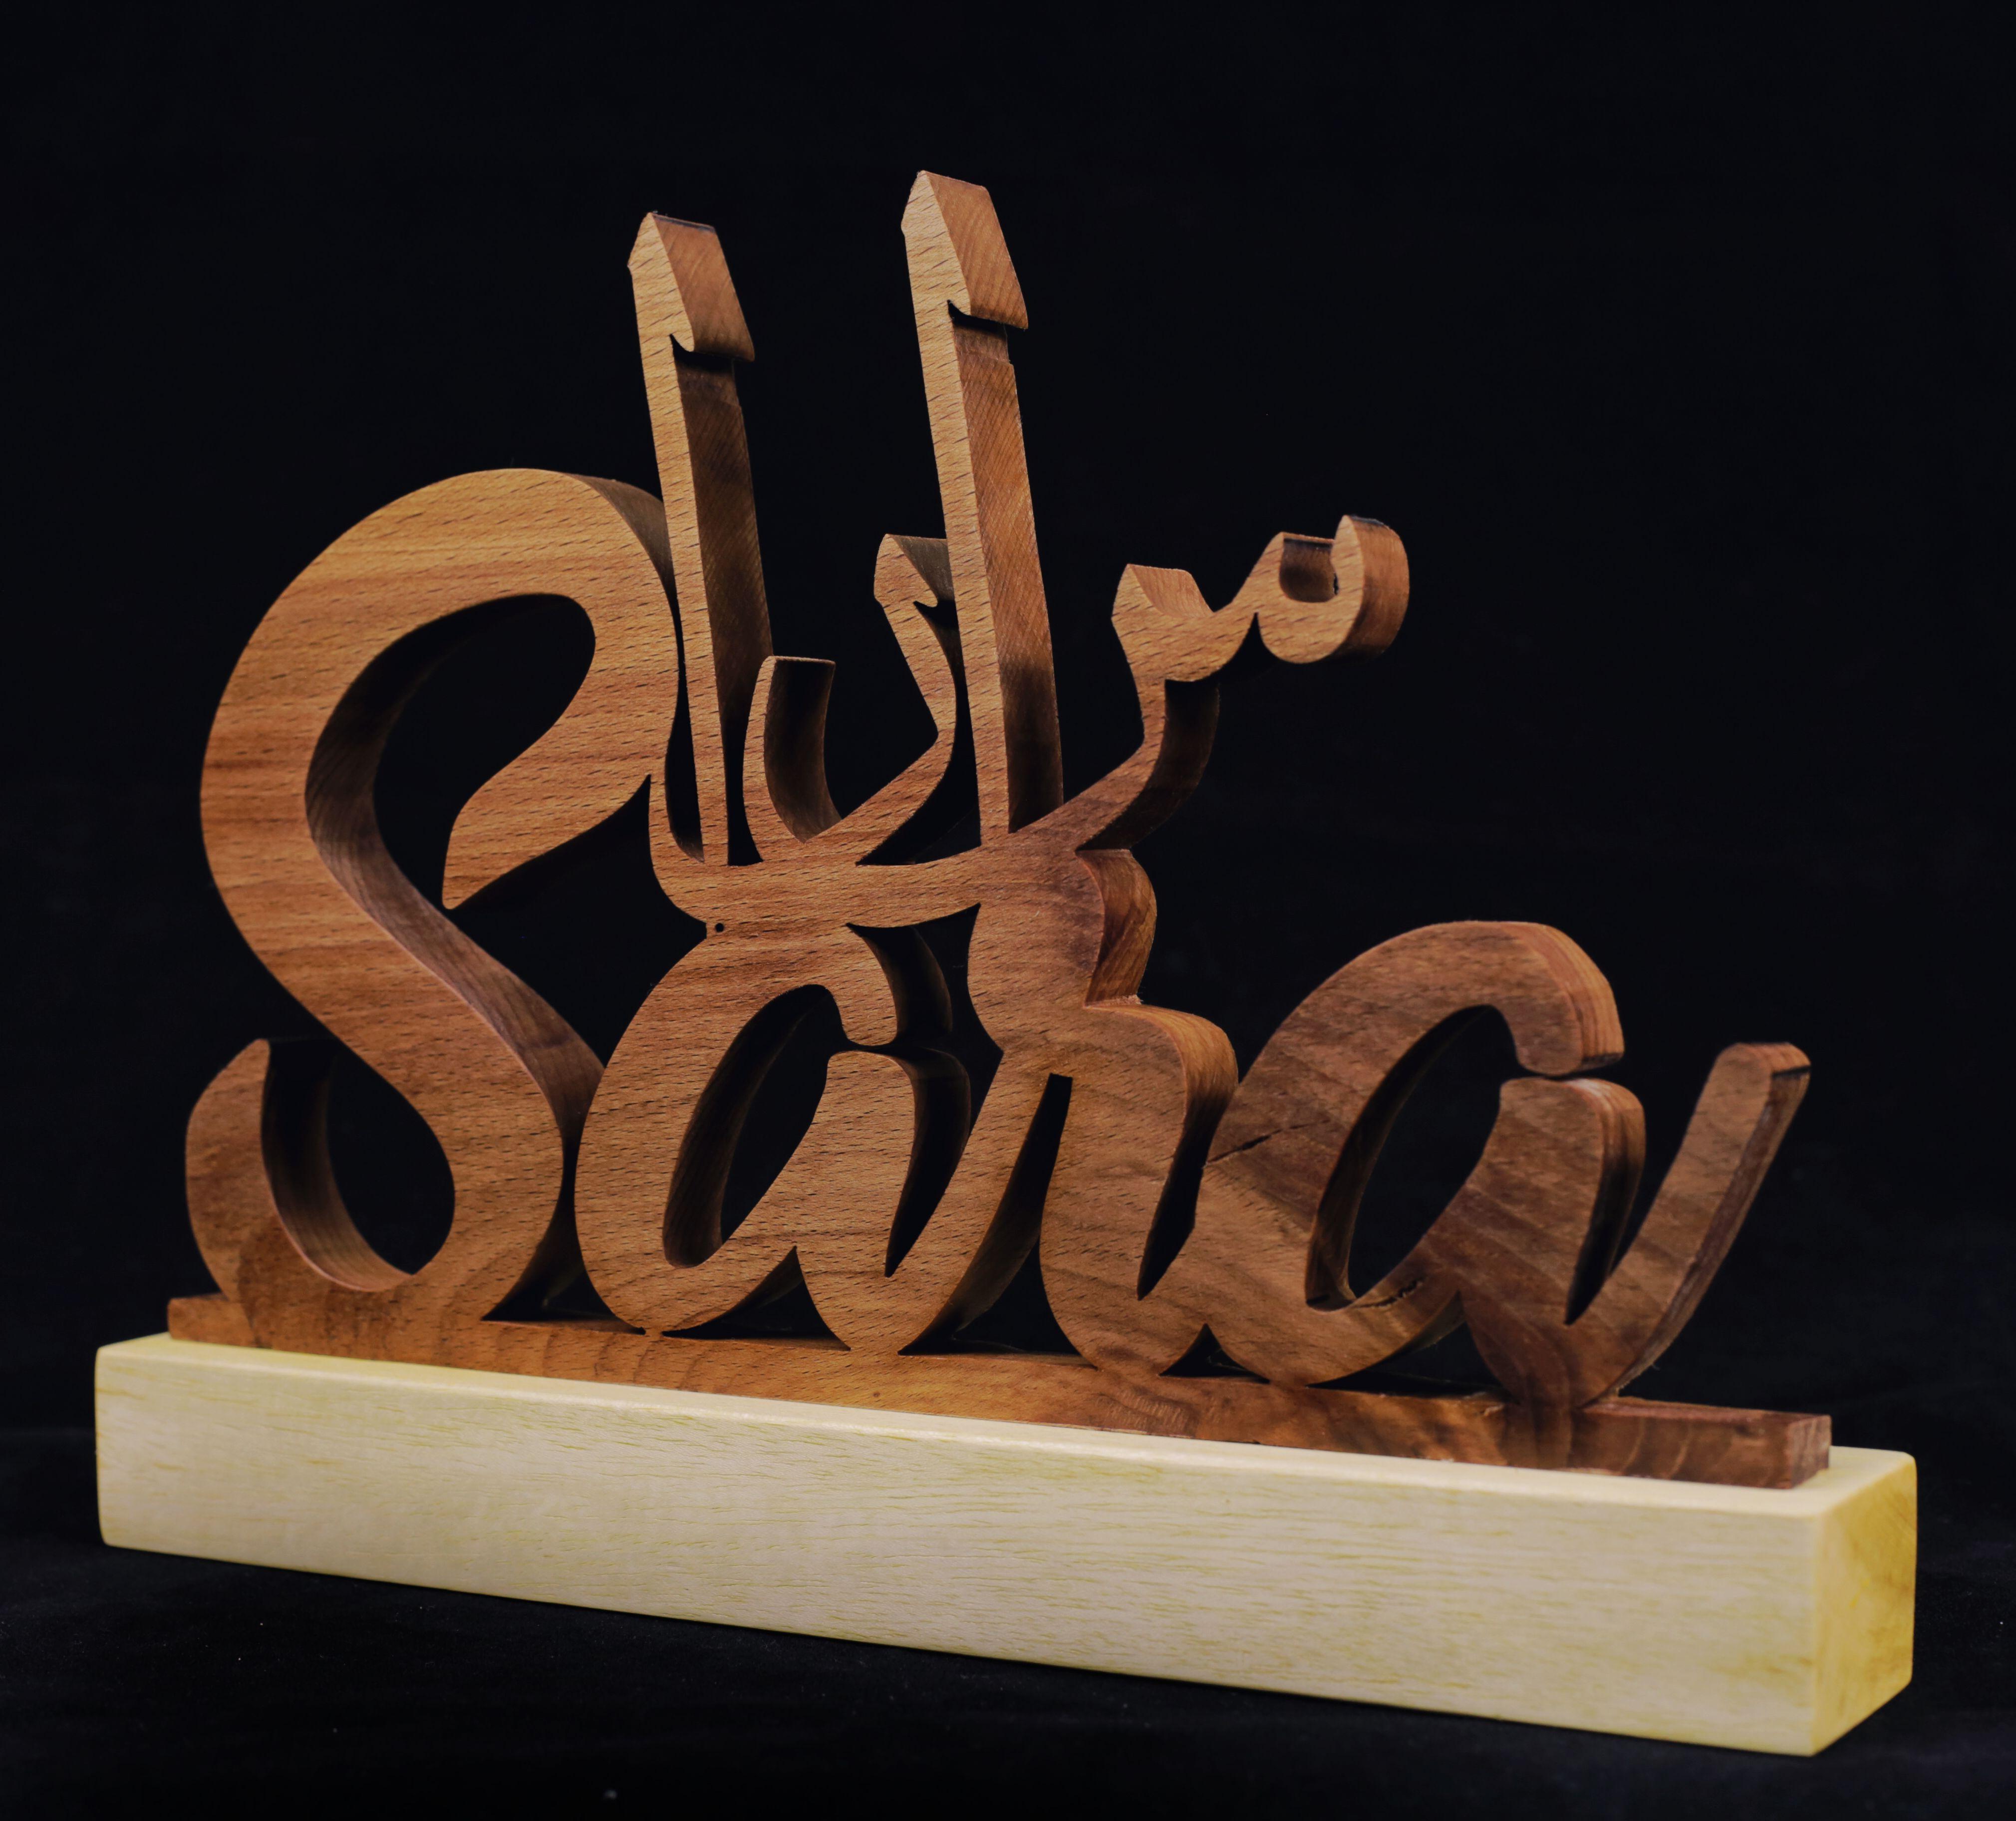 نحت اسم من خشب الزان و القاعدة من خشب الصنوبر Seni